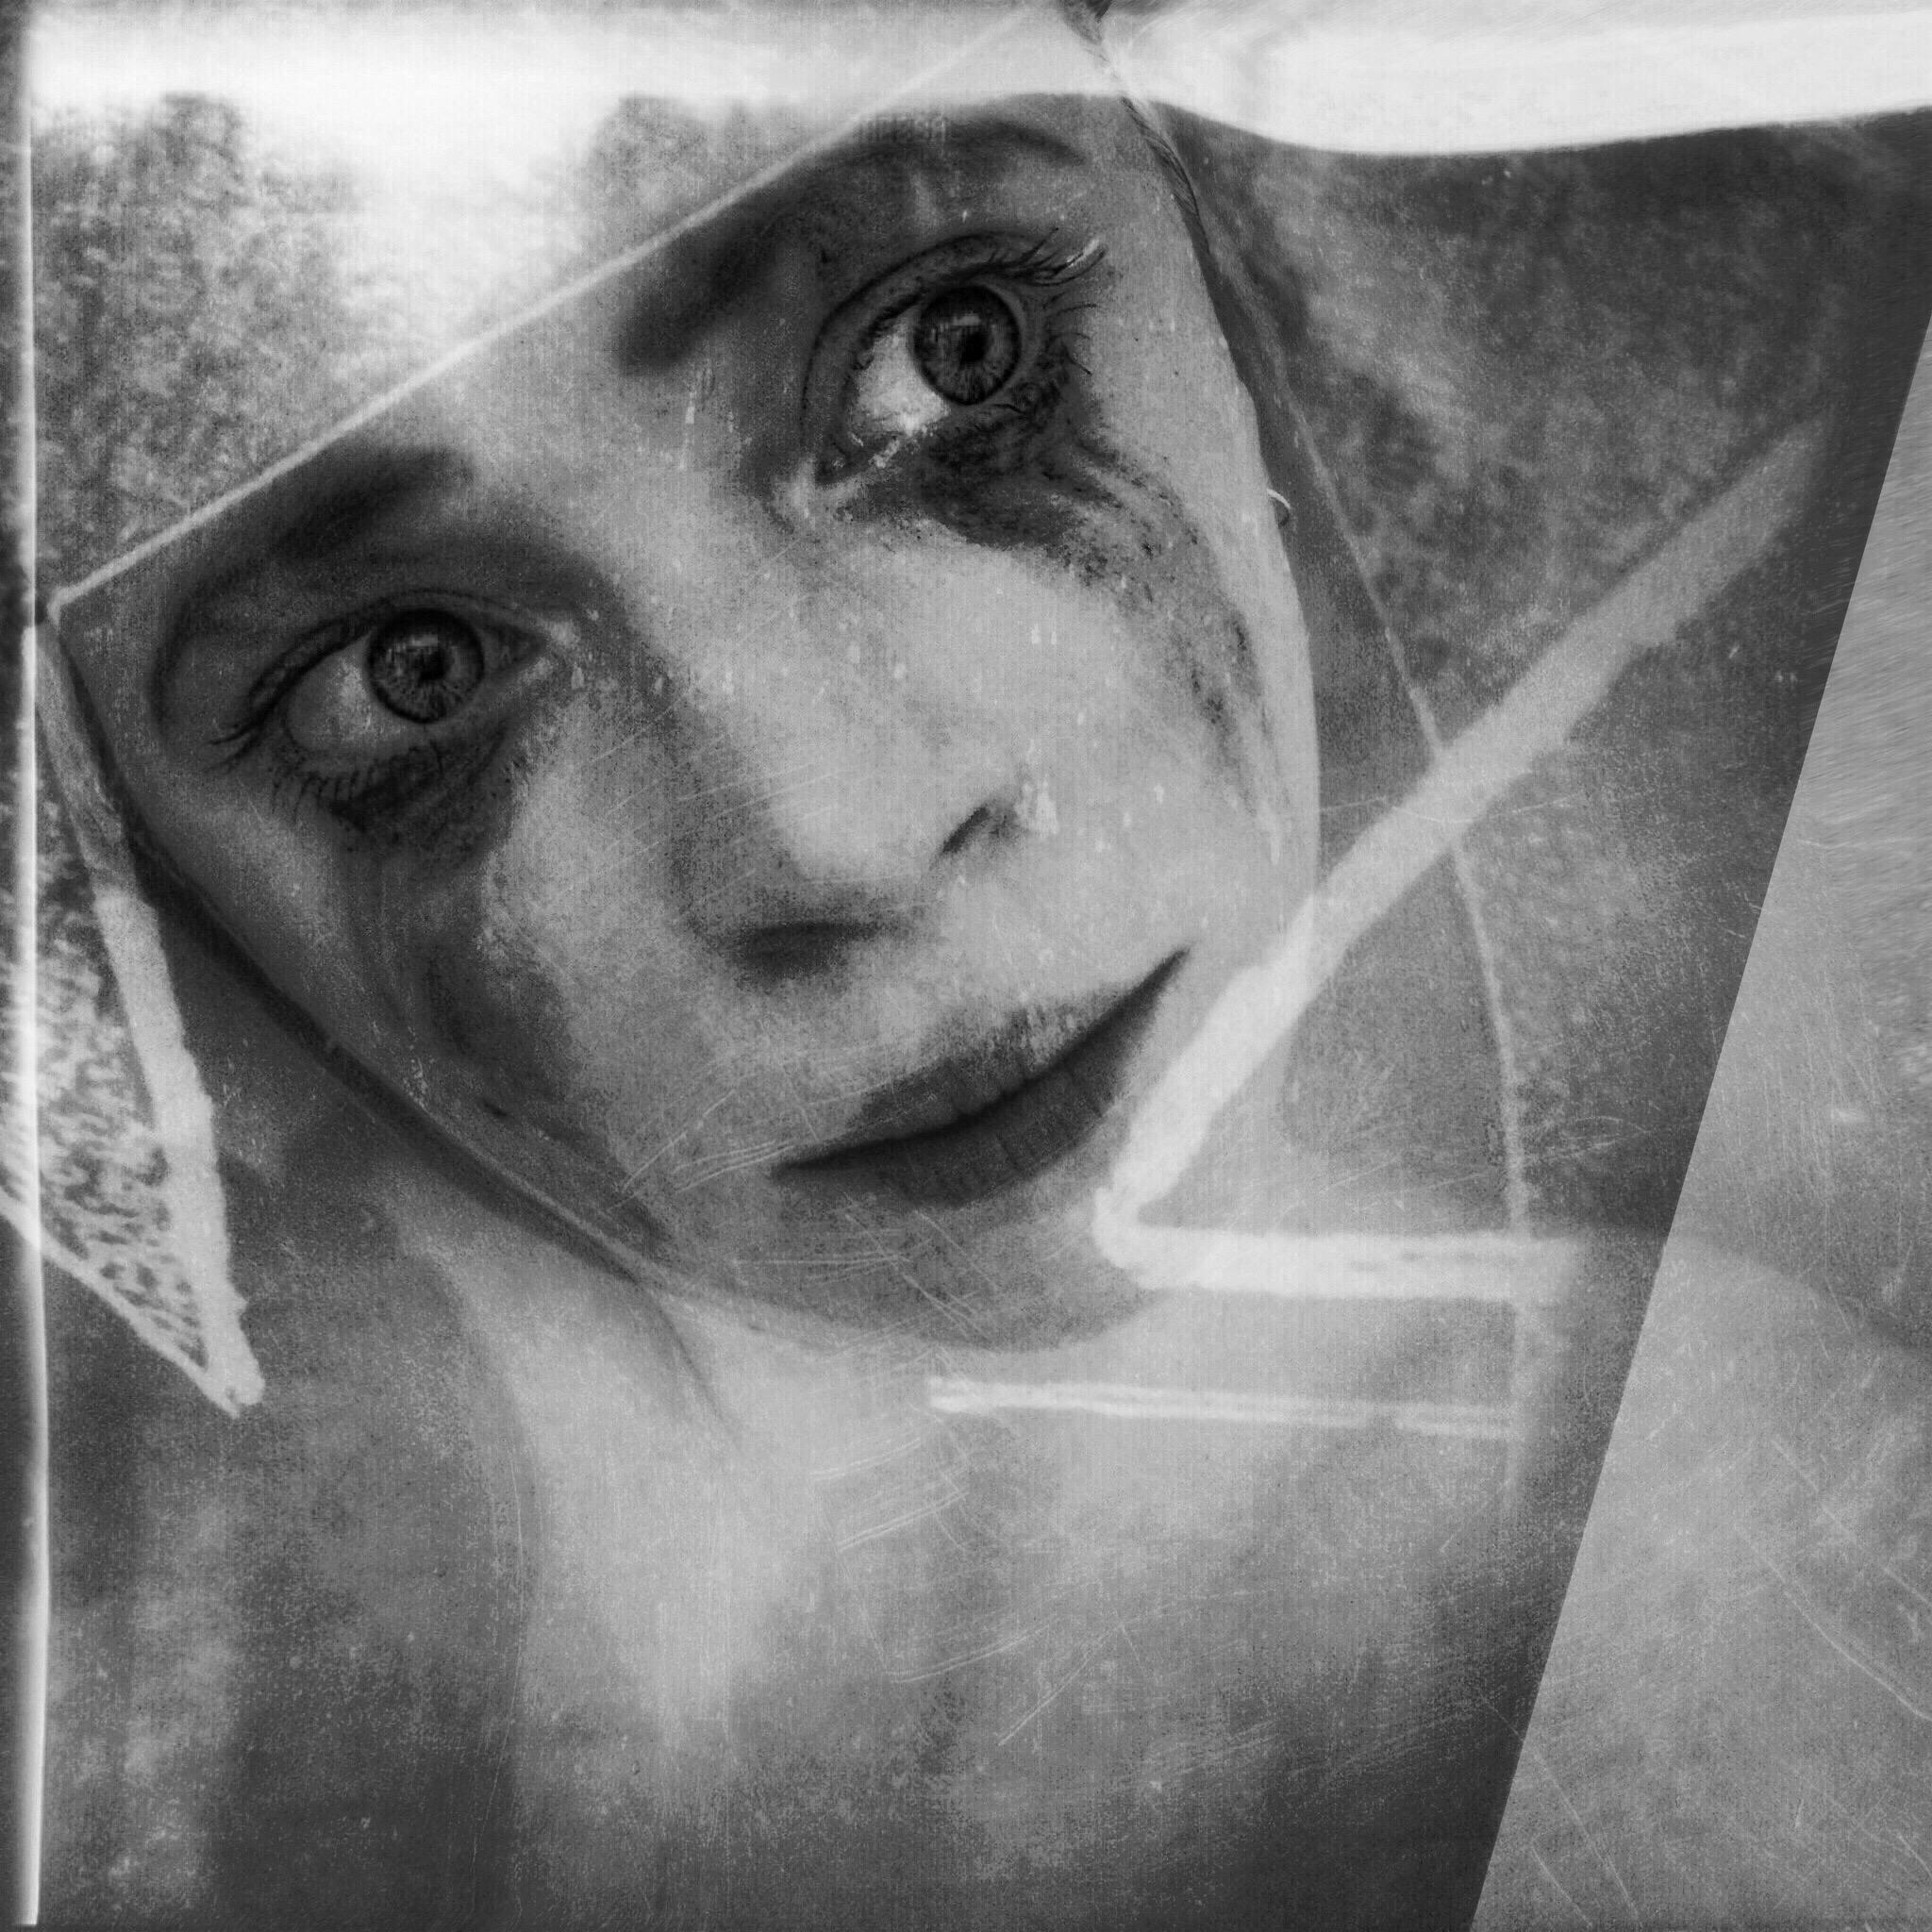 Blemished Eye (David Booker)